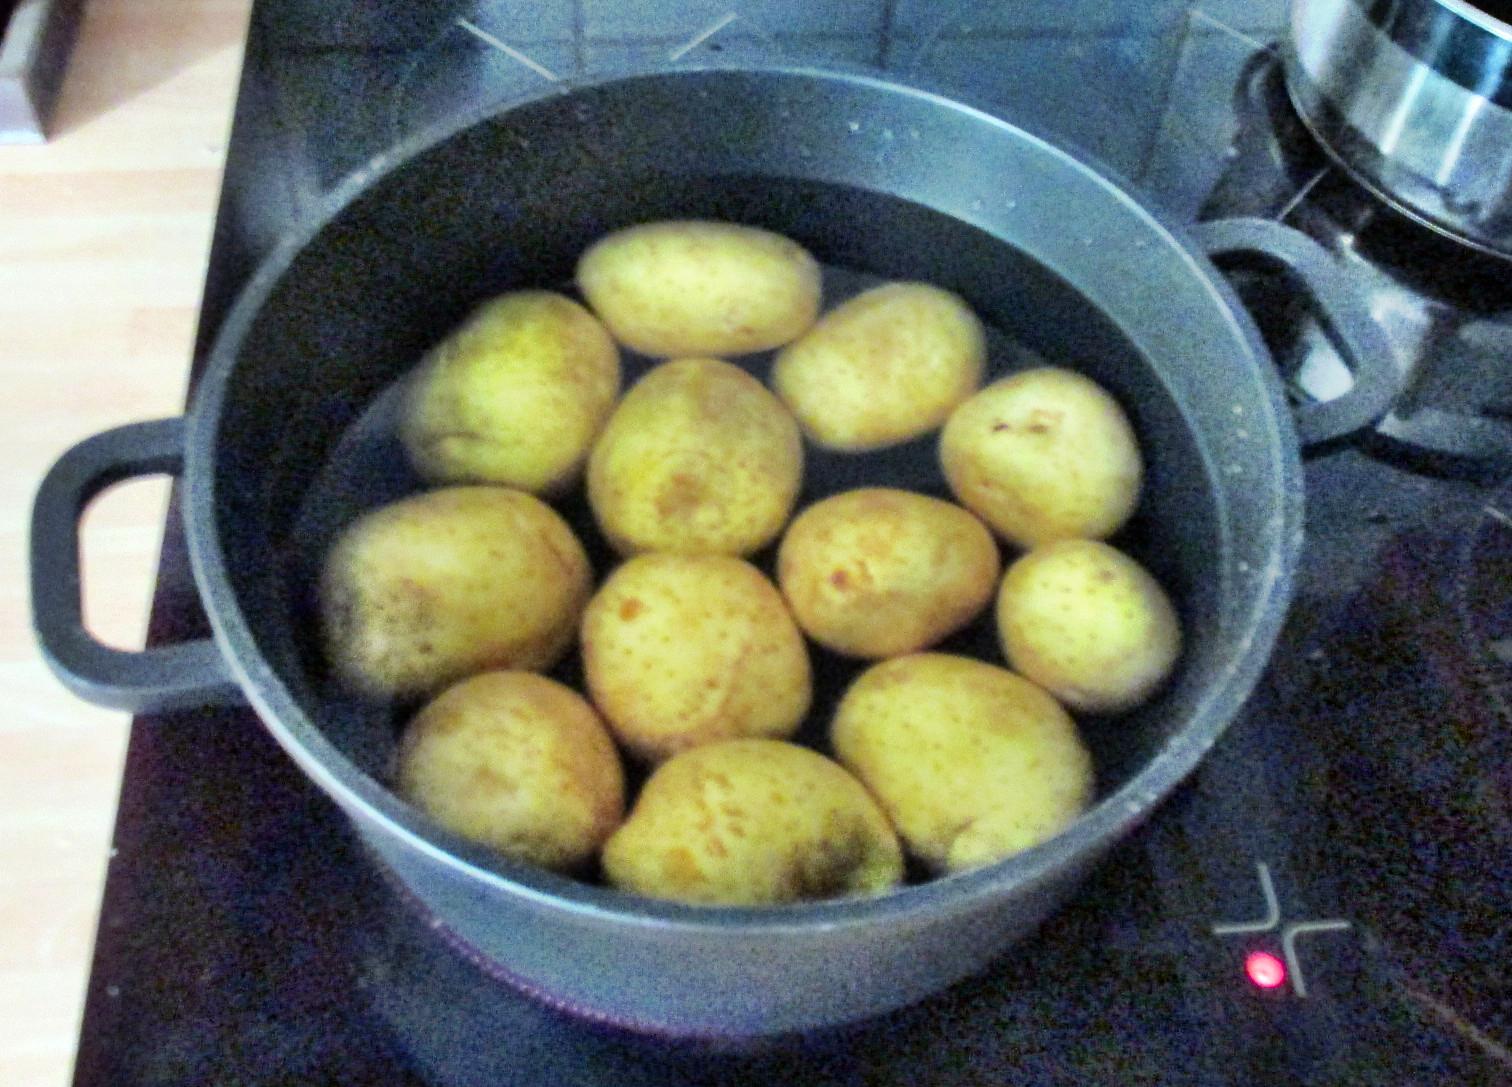 Kartoffelsalat,Ei,Gurkensalat - 25.7.15   (2)